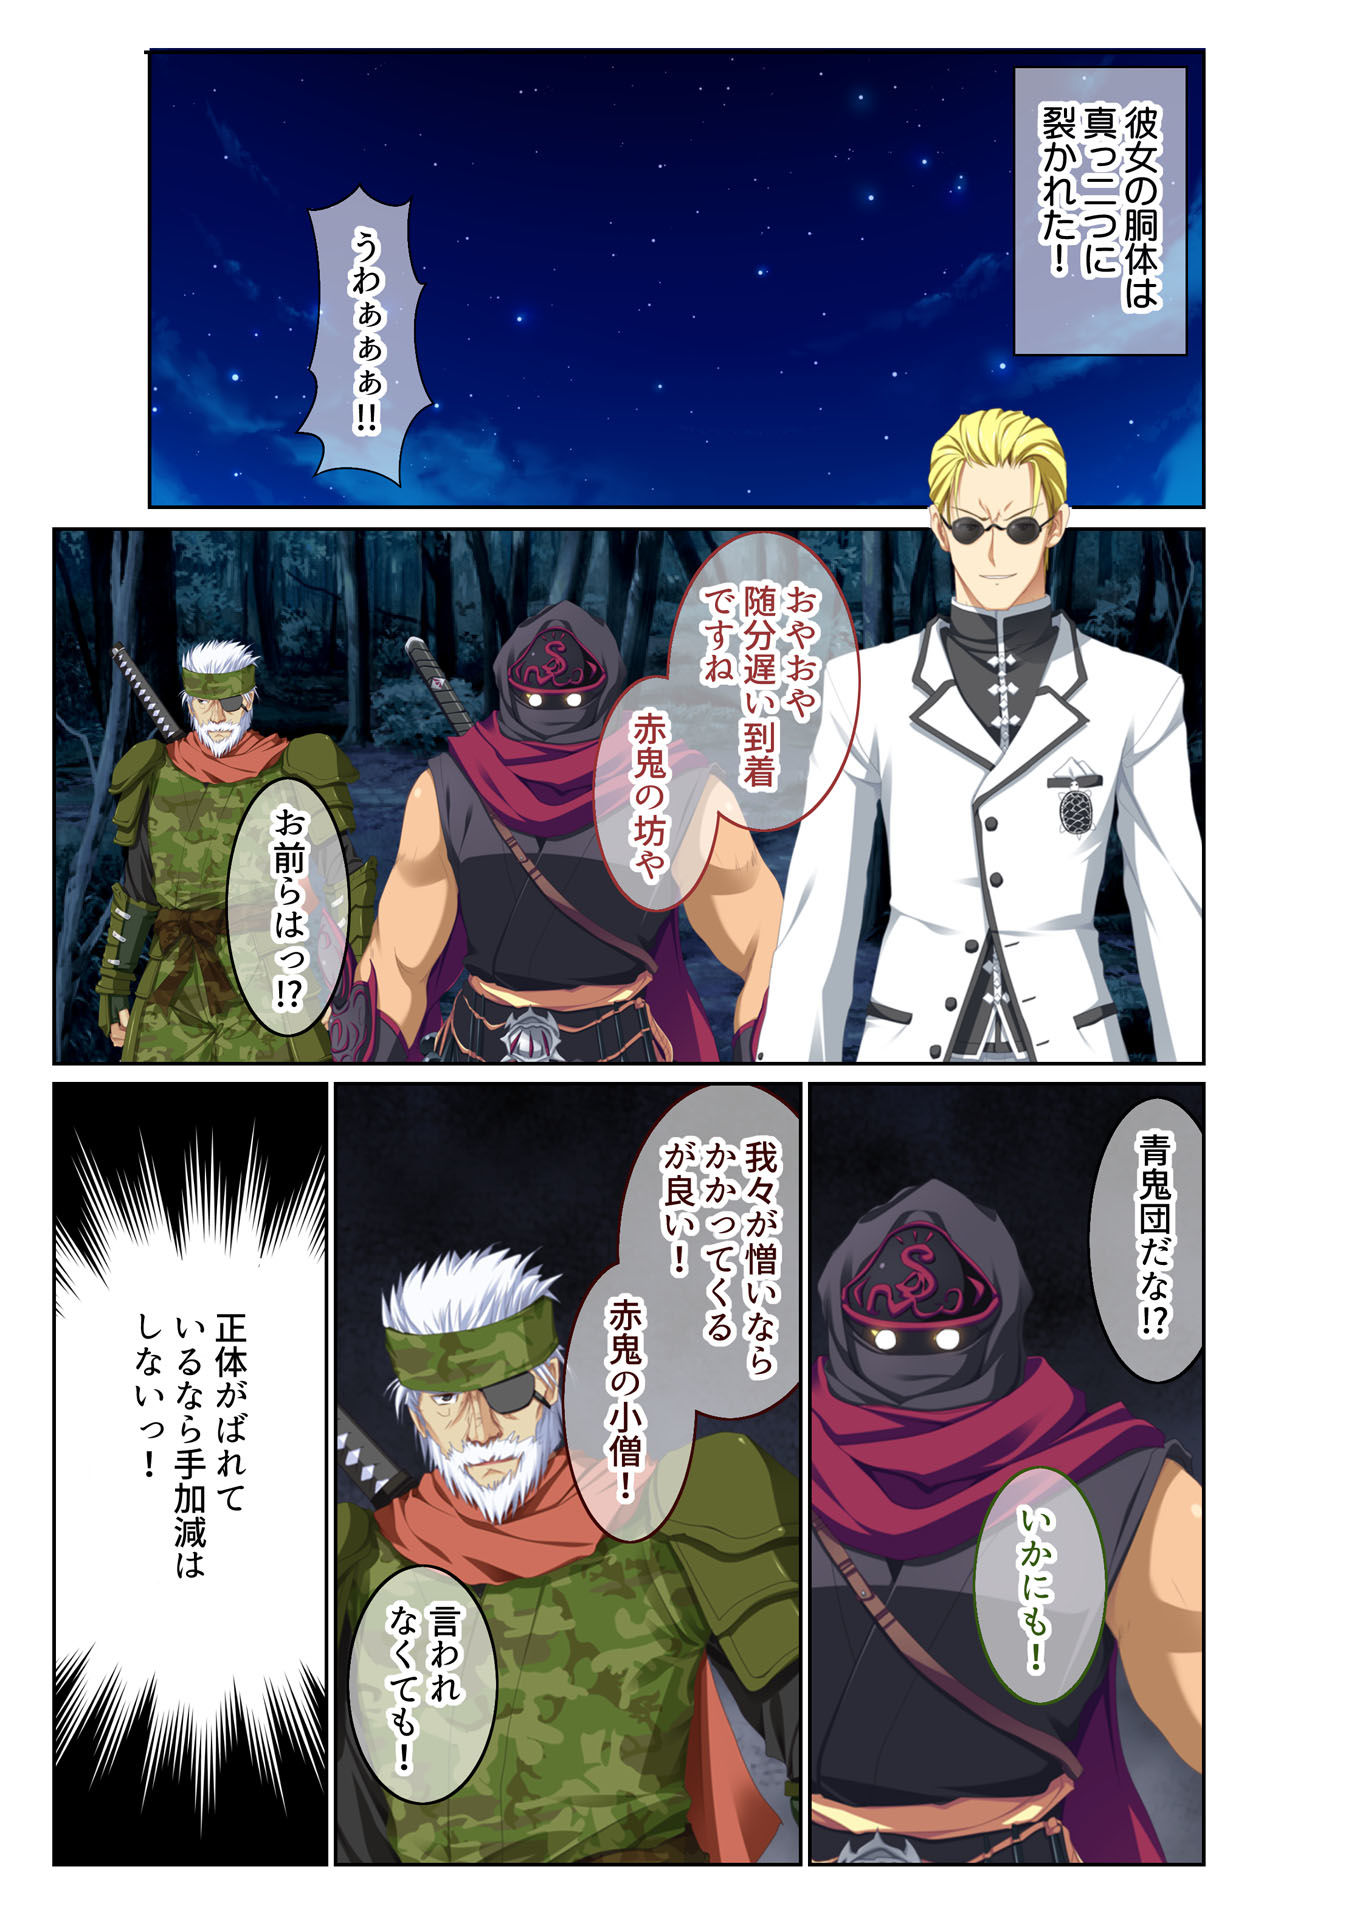 転生ハーレム 〜あなたの肉棒で退治して?〜(3) フルカラーコミック版